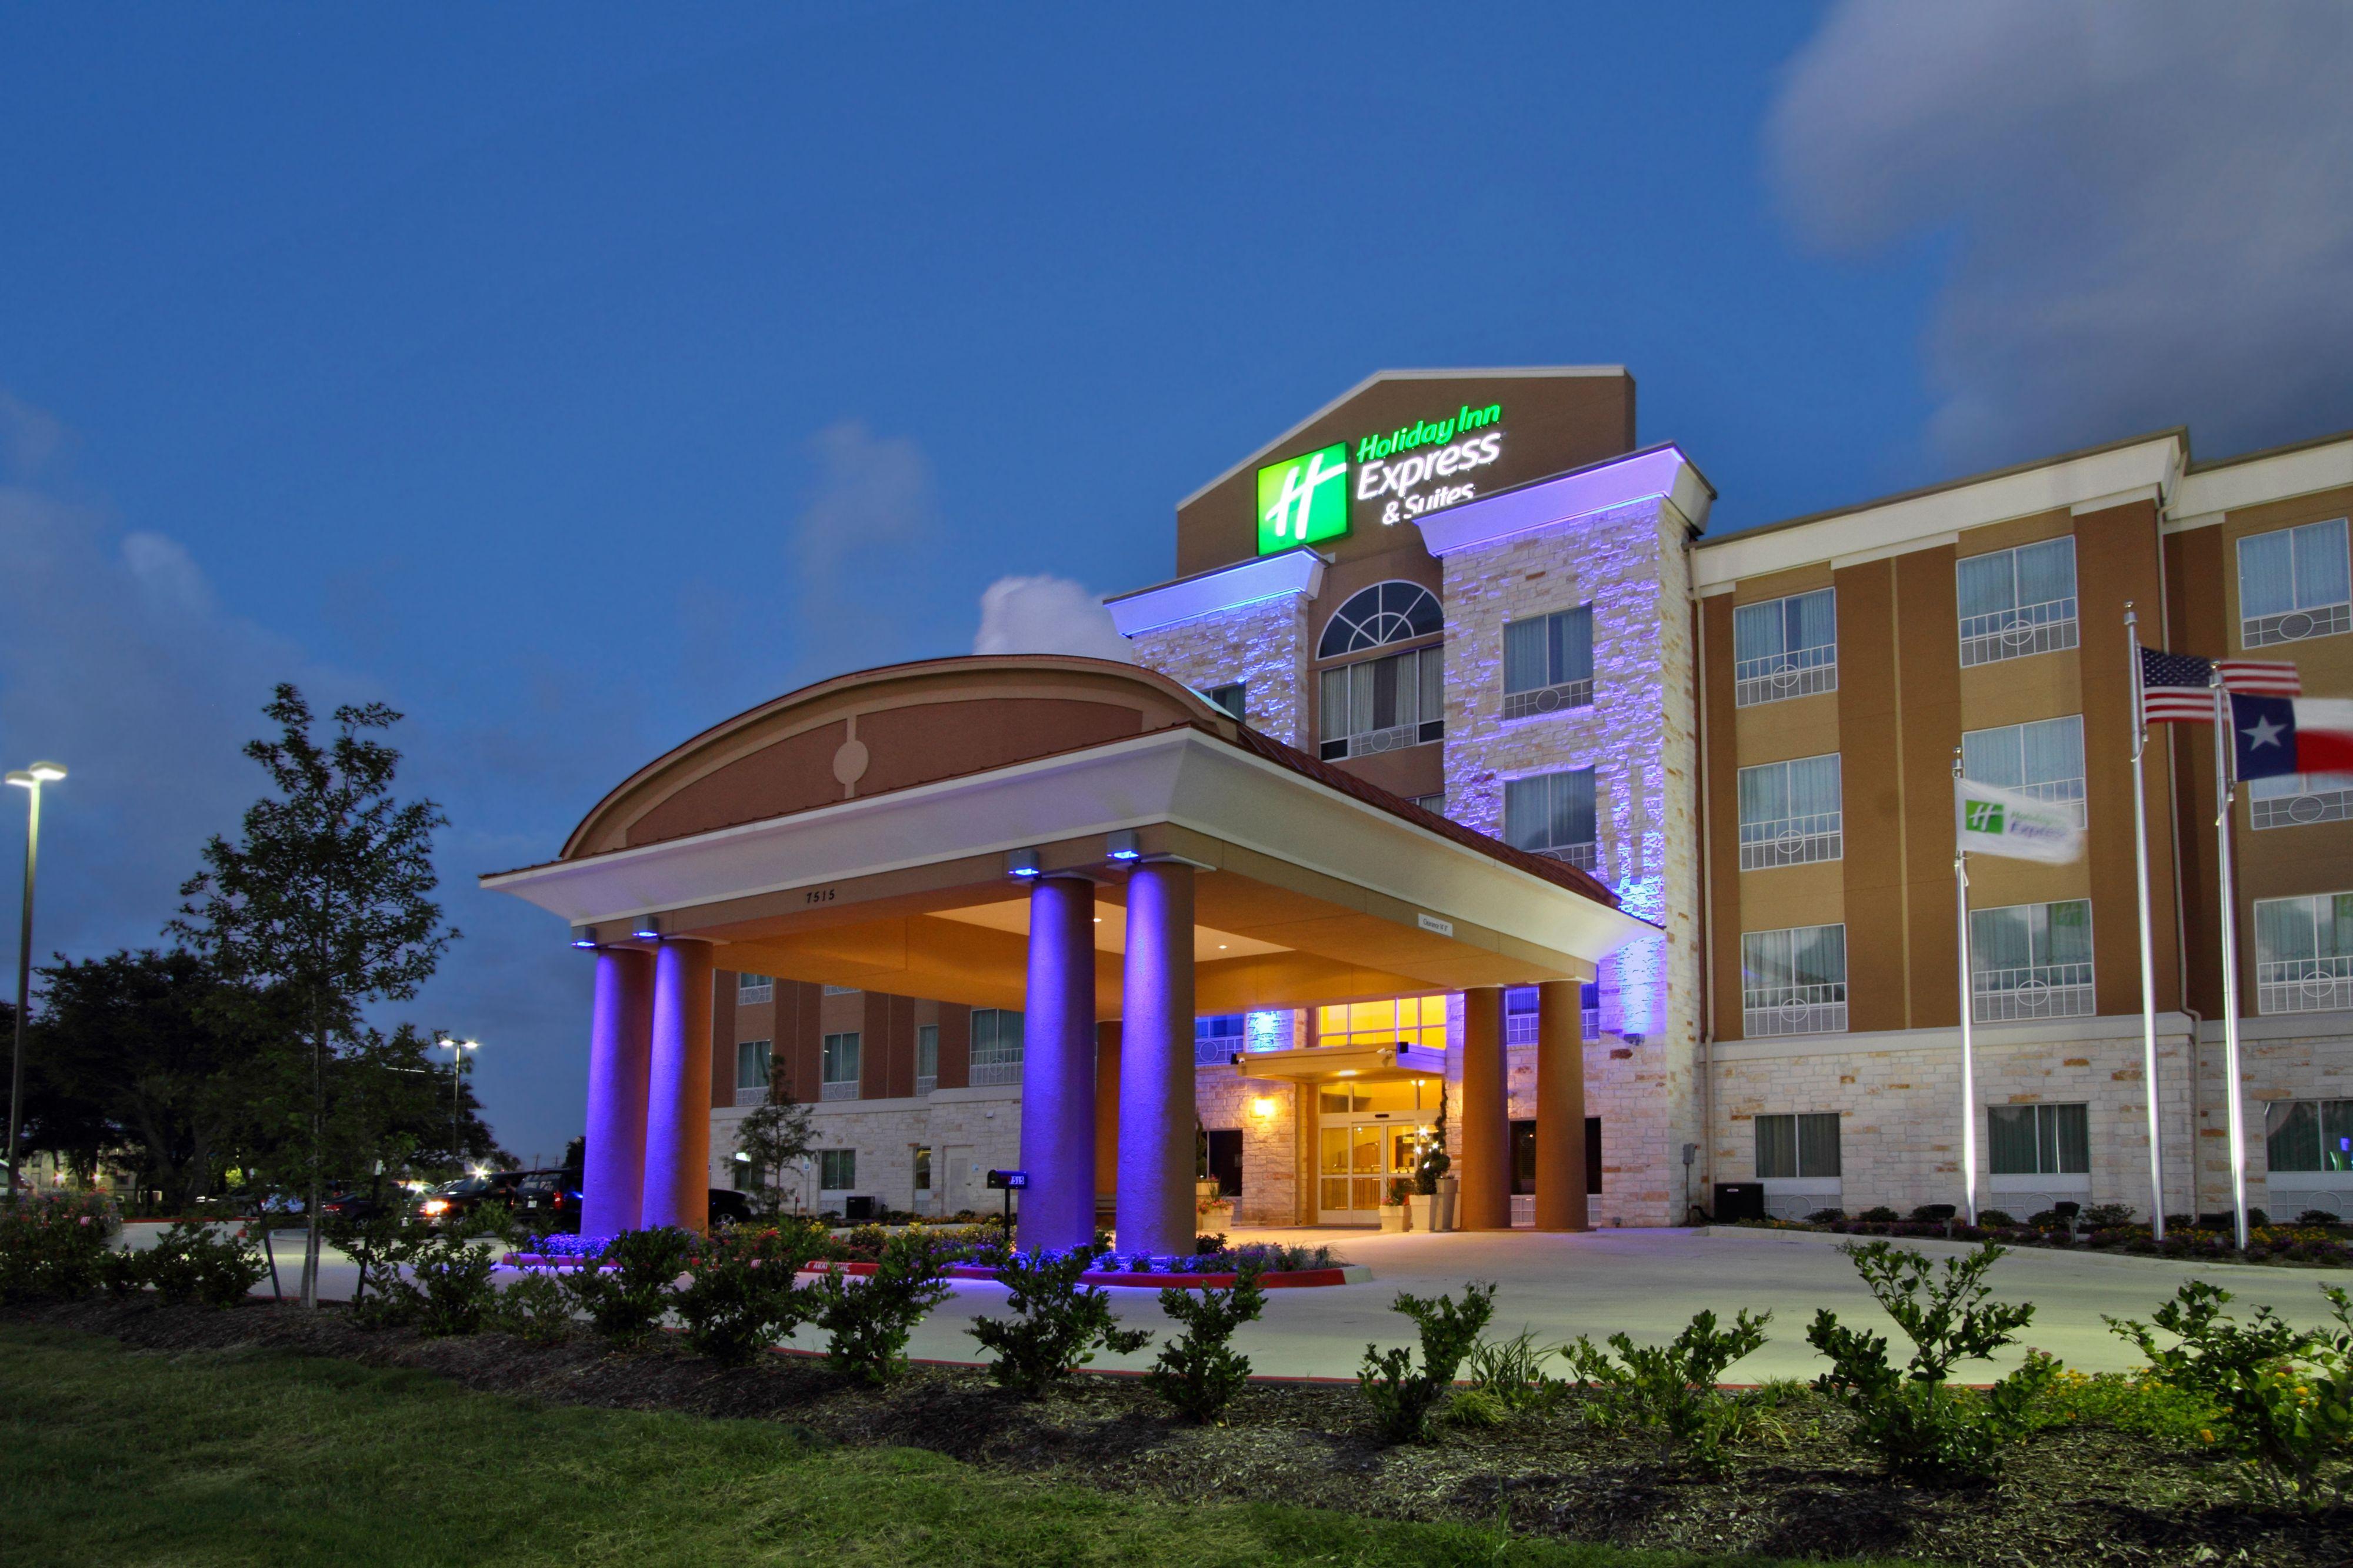 Pasadena Tx Hotels And Motels